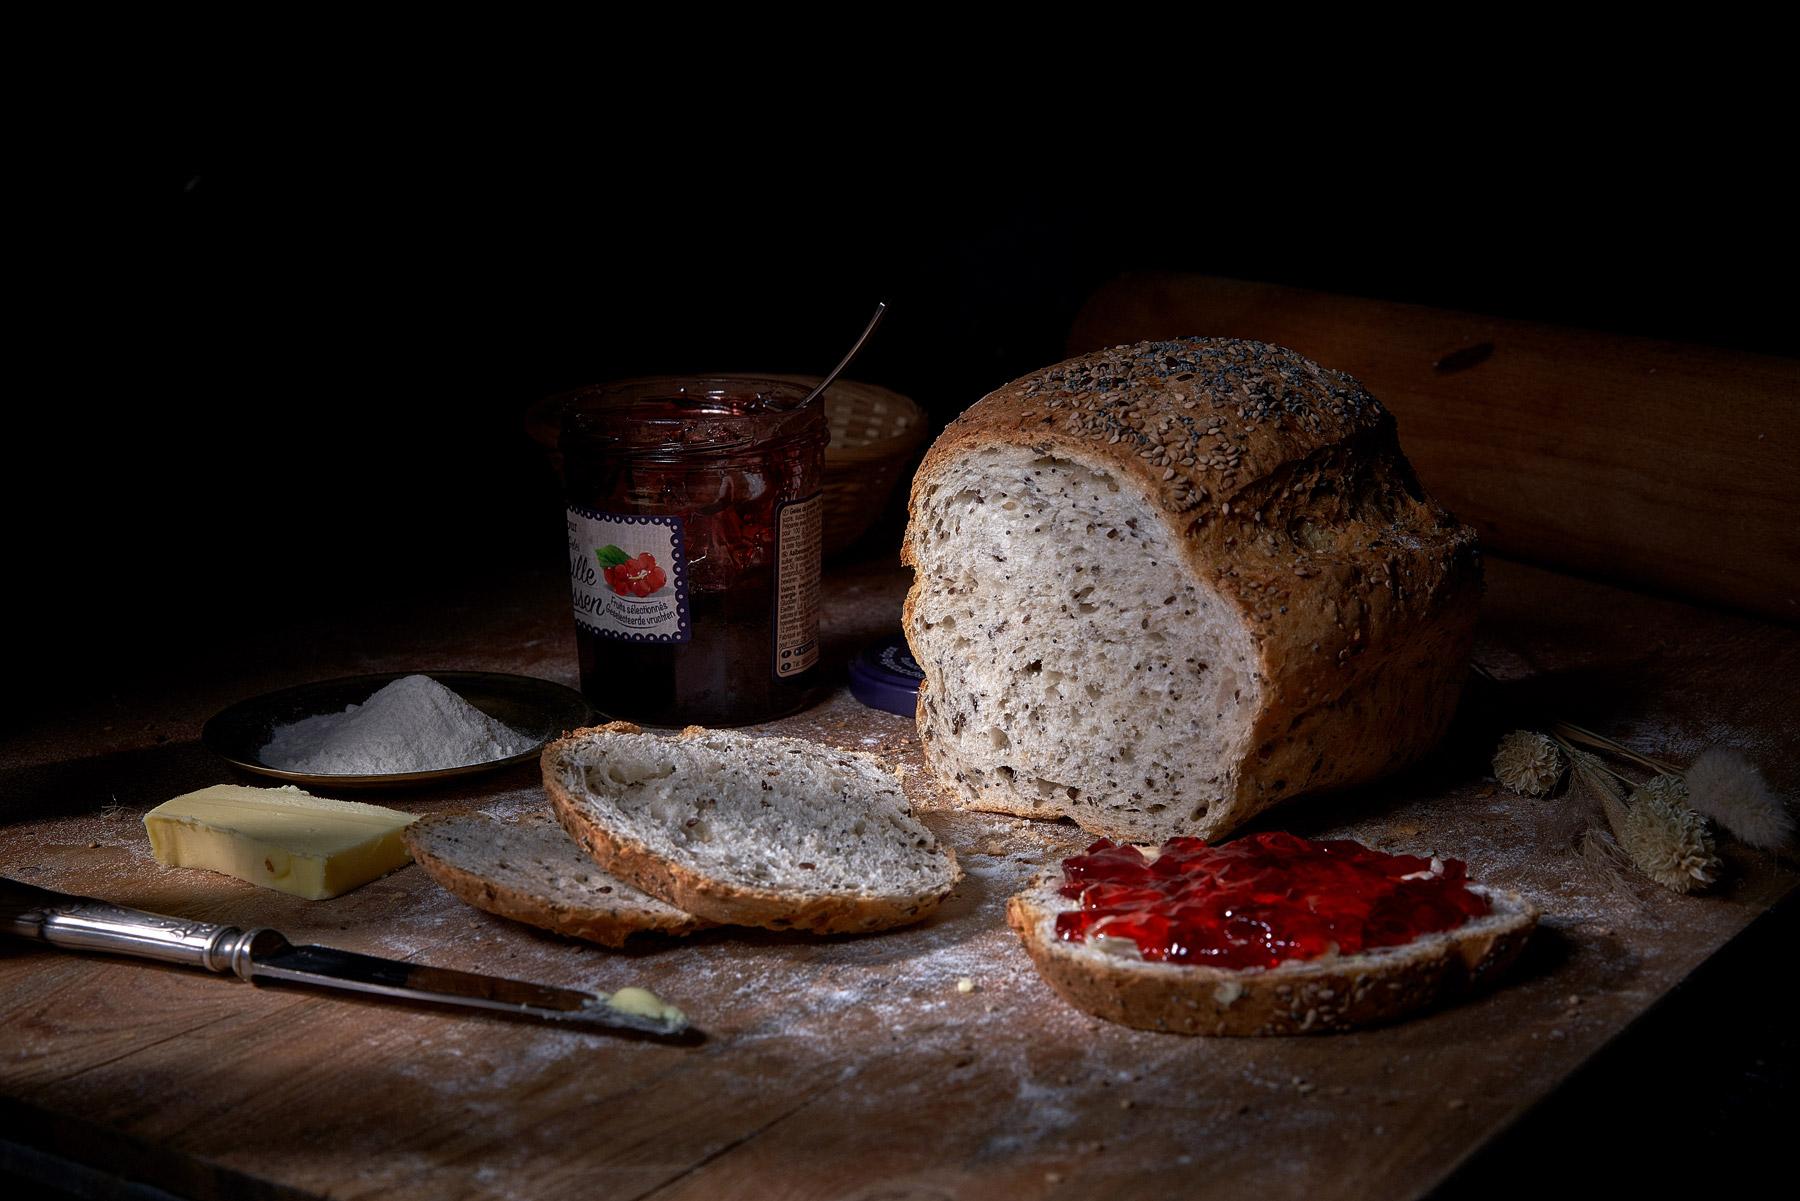 boulangerie-baguette-pain-levain-epautre-levure-chocolat-photographe-tournai-leuze-hainaut-belgique